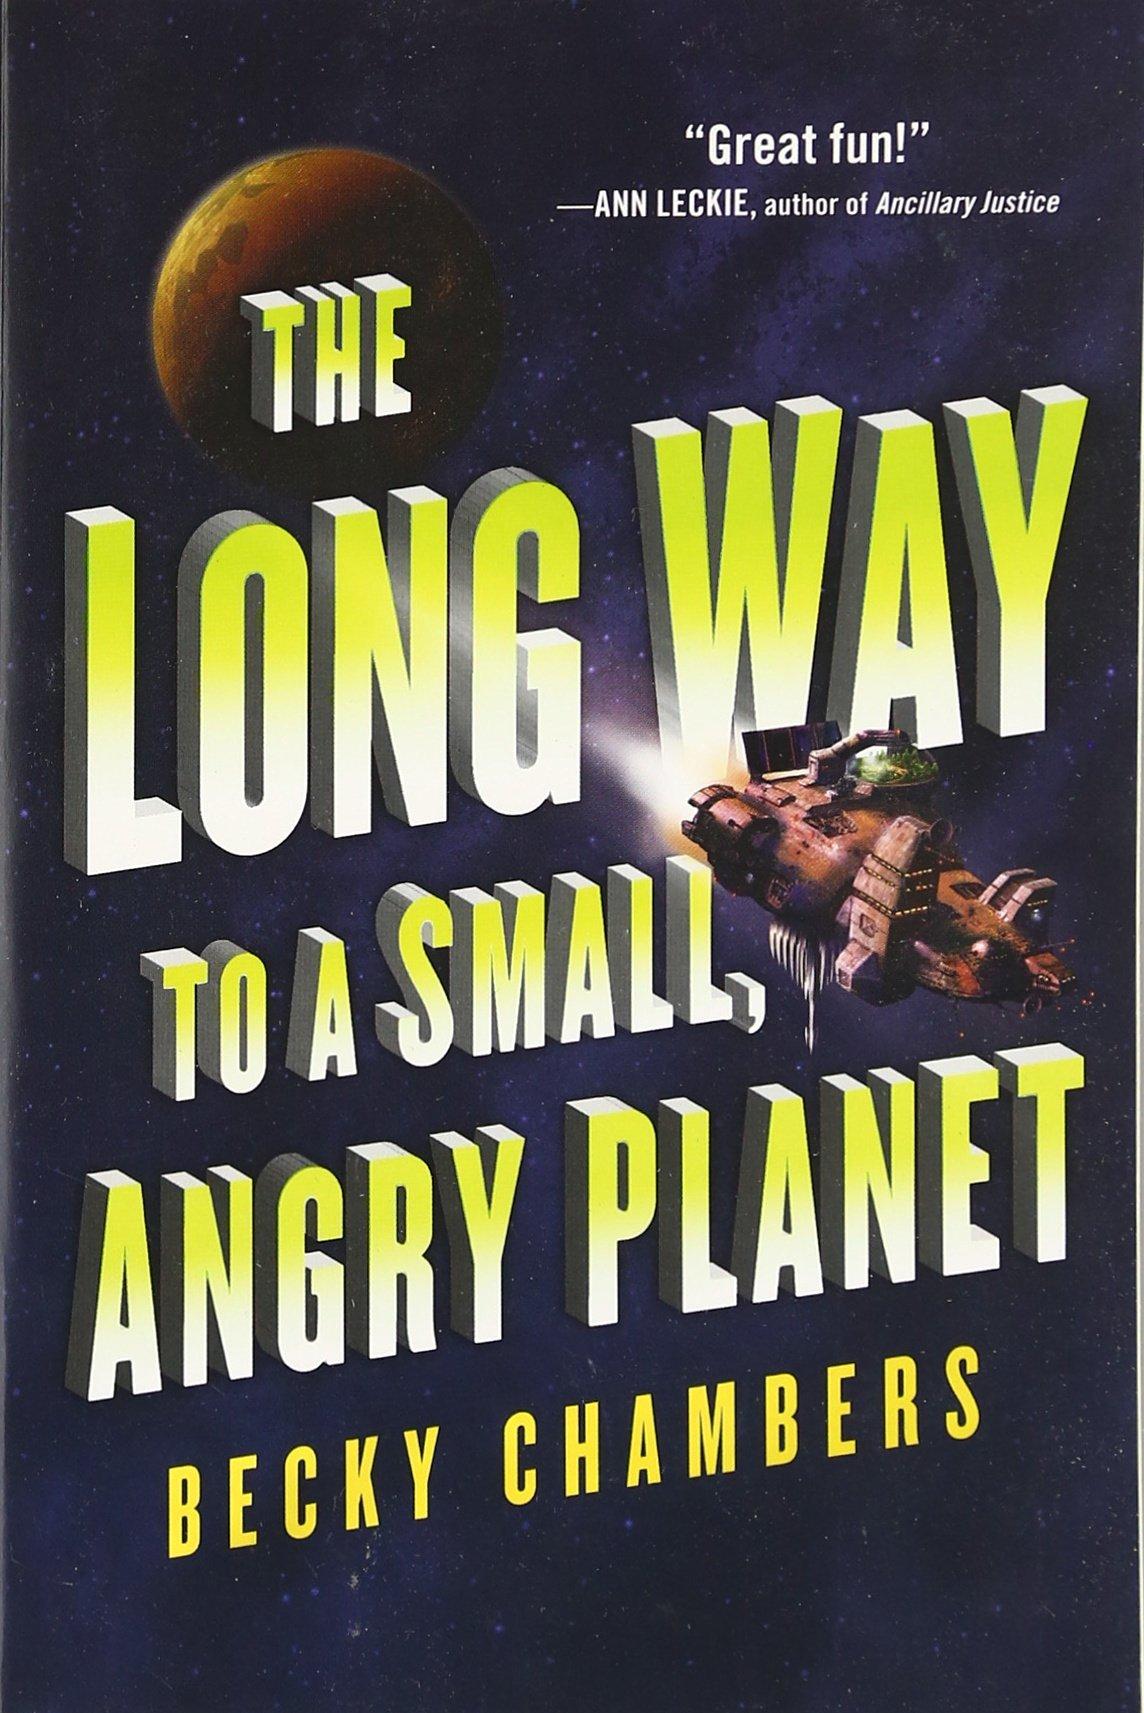 ミレニアル世代の心暖まるスペースオペラ 『The Long Way to a Small Angry Planet』